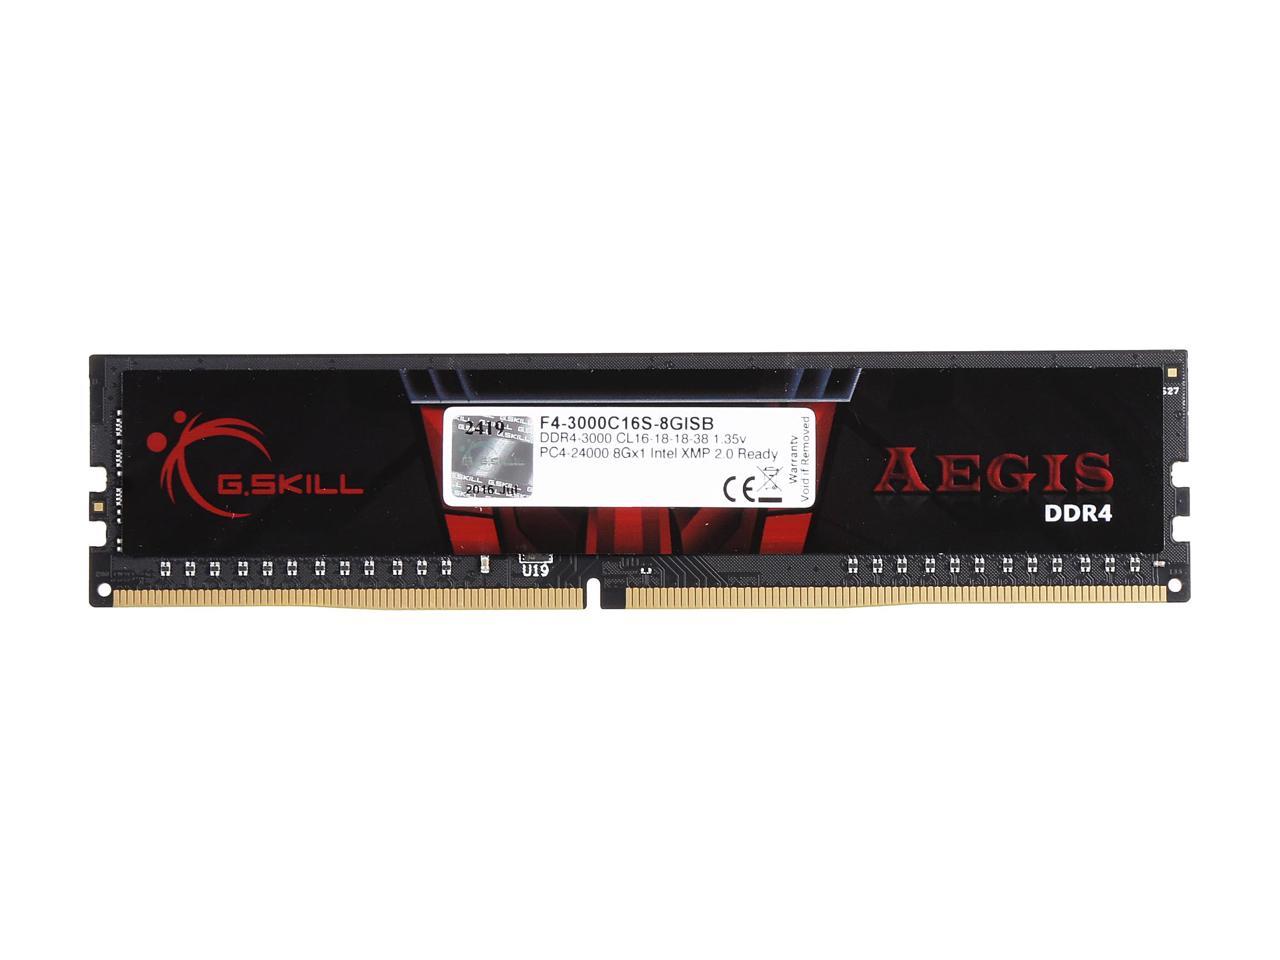 Mémoire G.Skill Aegis 8 Go  DDR4 3000 MHz CL16, informatique ile de la Réunion 974